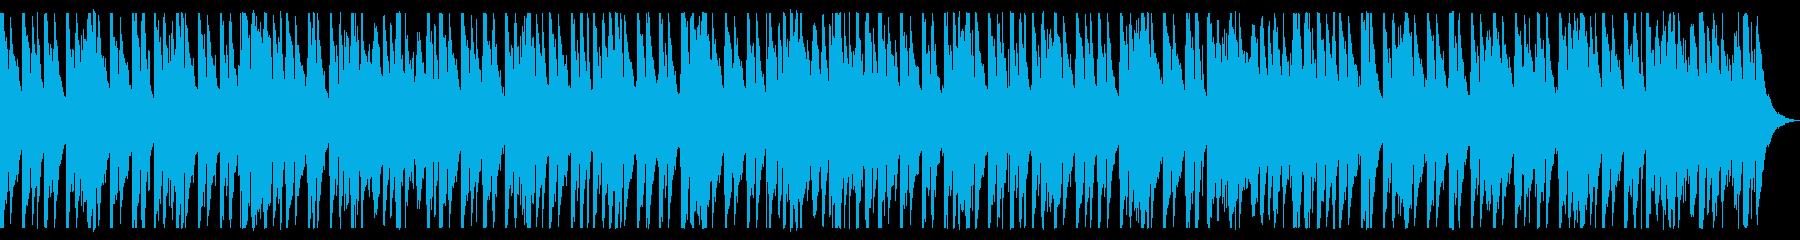 推理・謎解き・探偵 緊張感のあるジャズの再生済みの波形